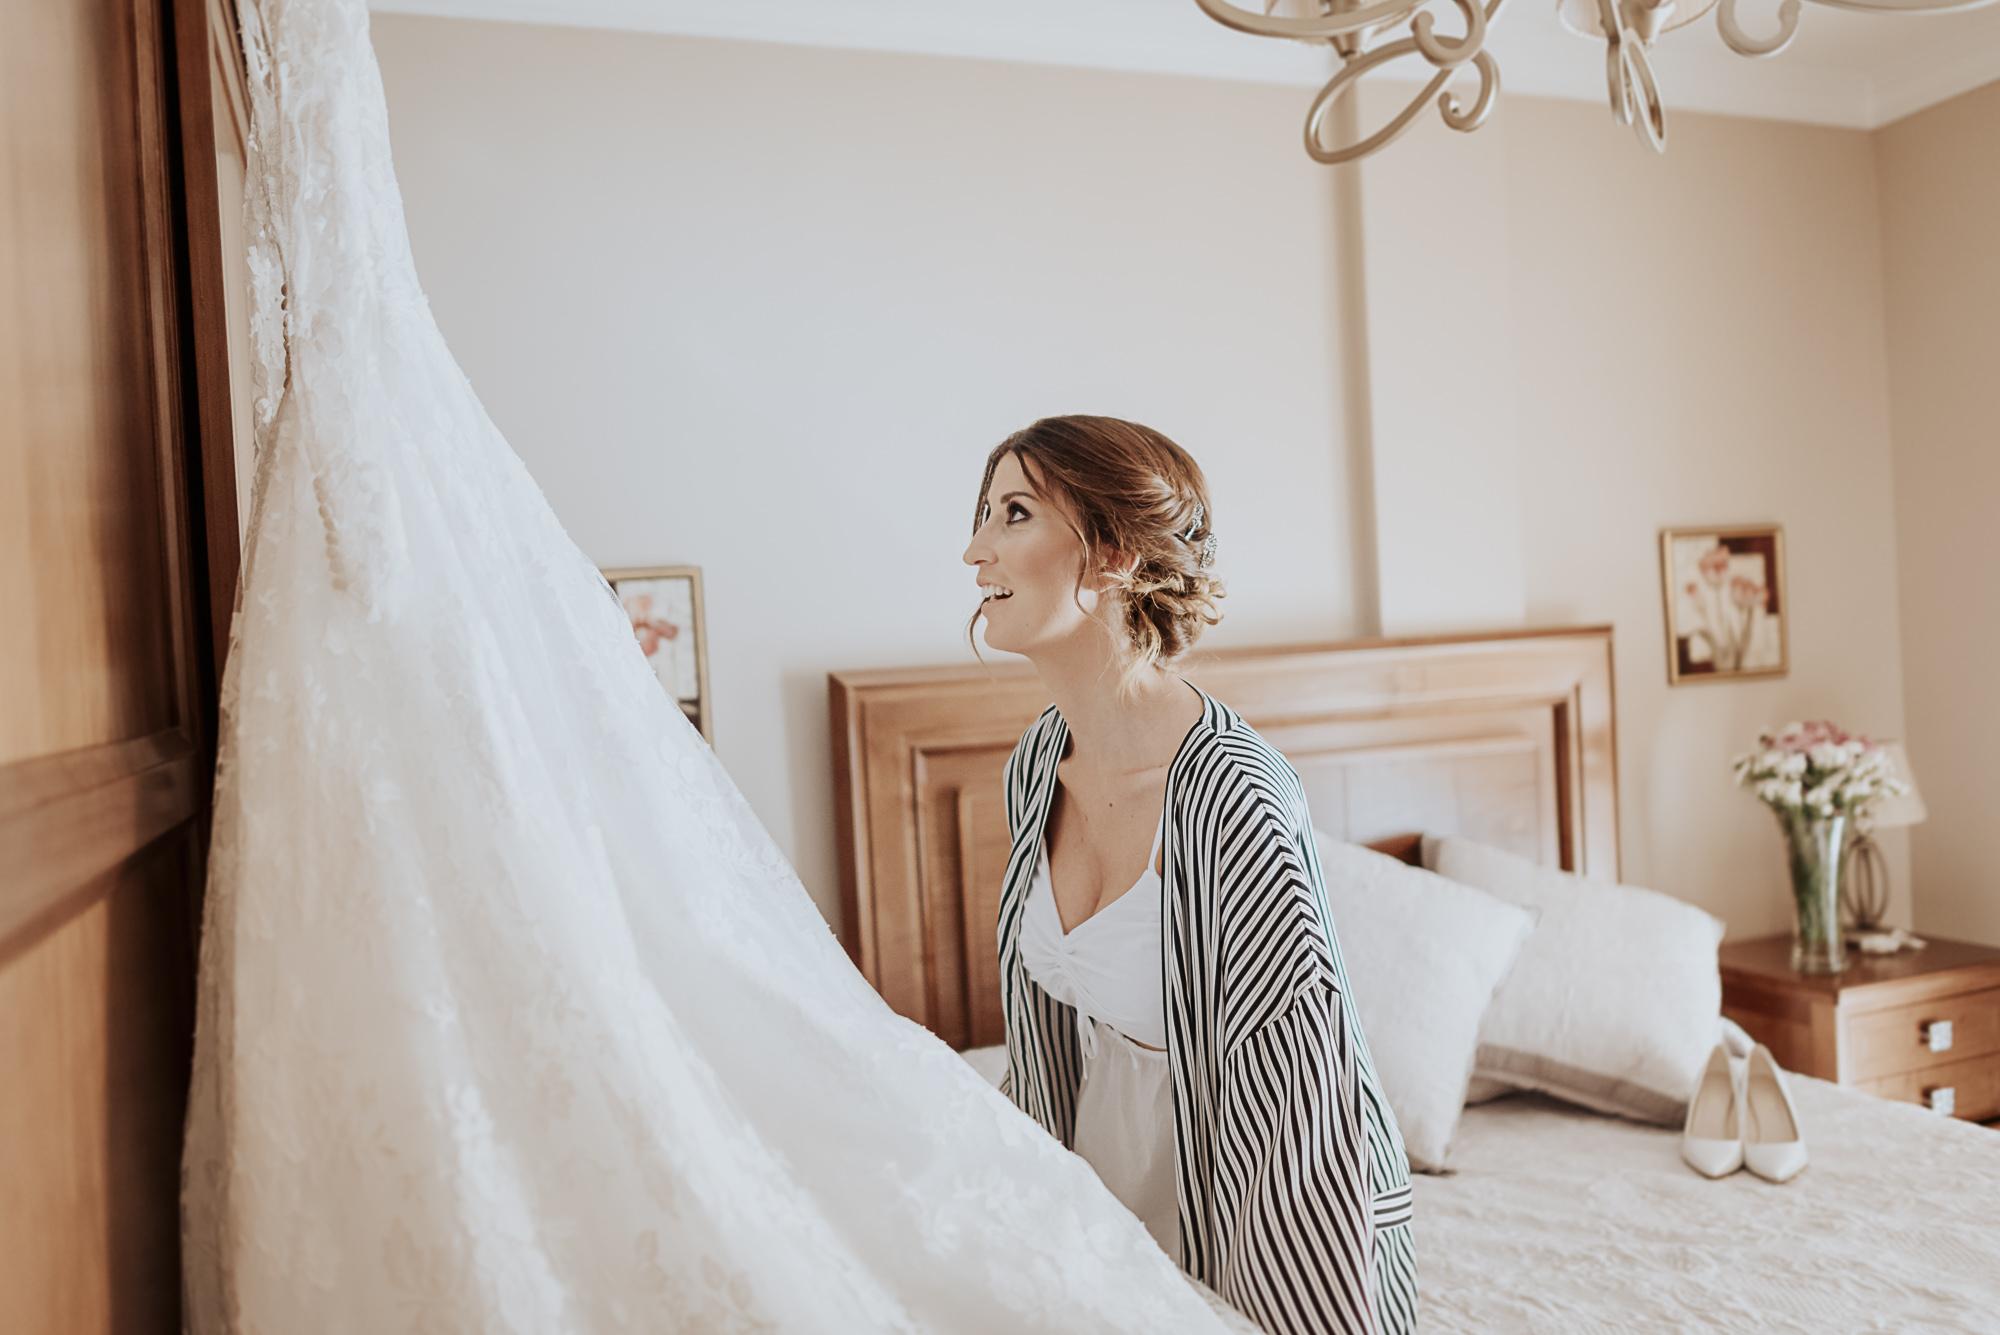 garatefotografia-fotografo-de-boda-en-Granada (38)